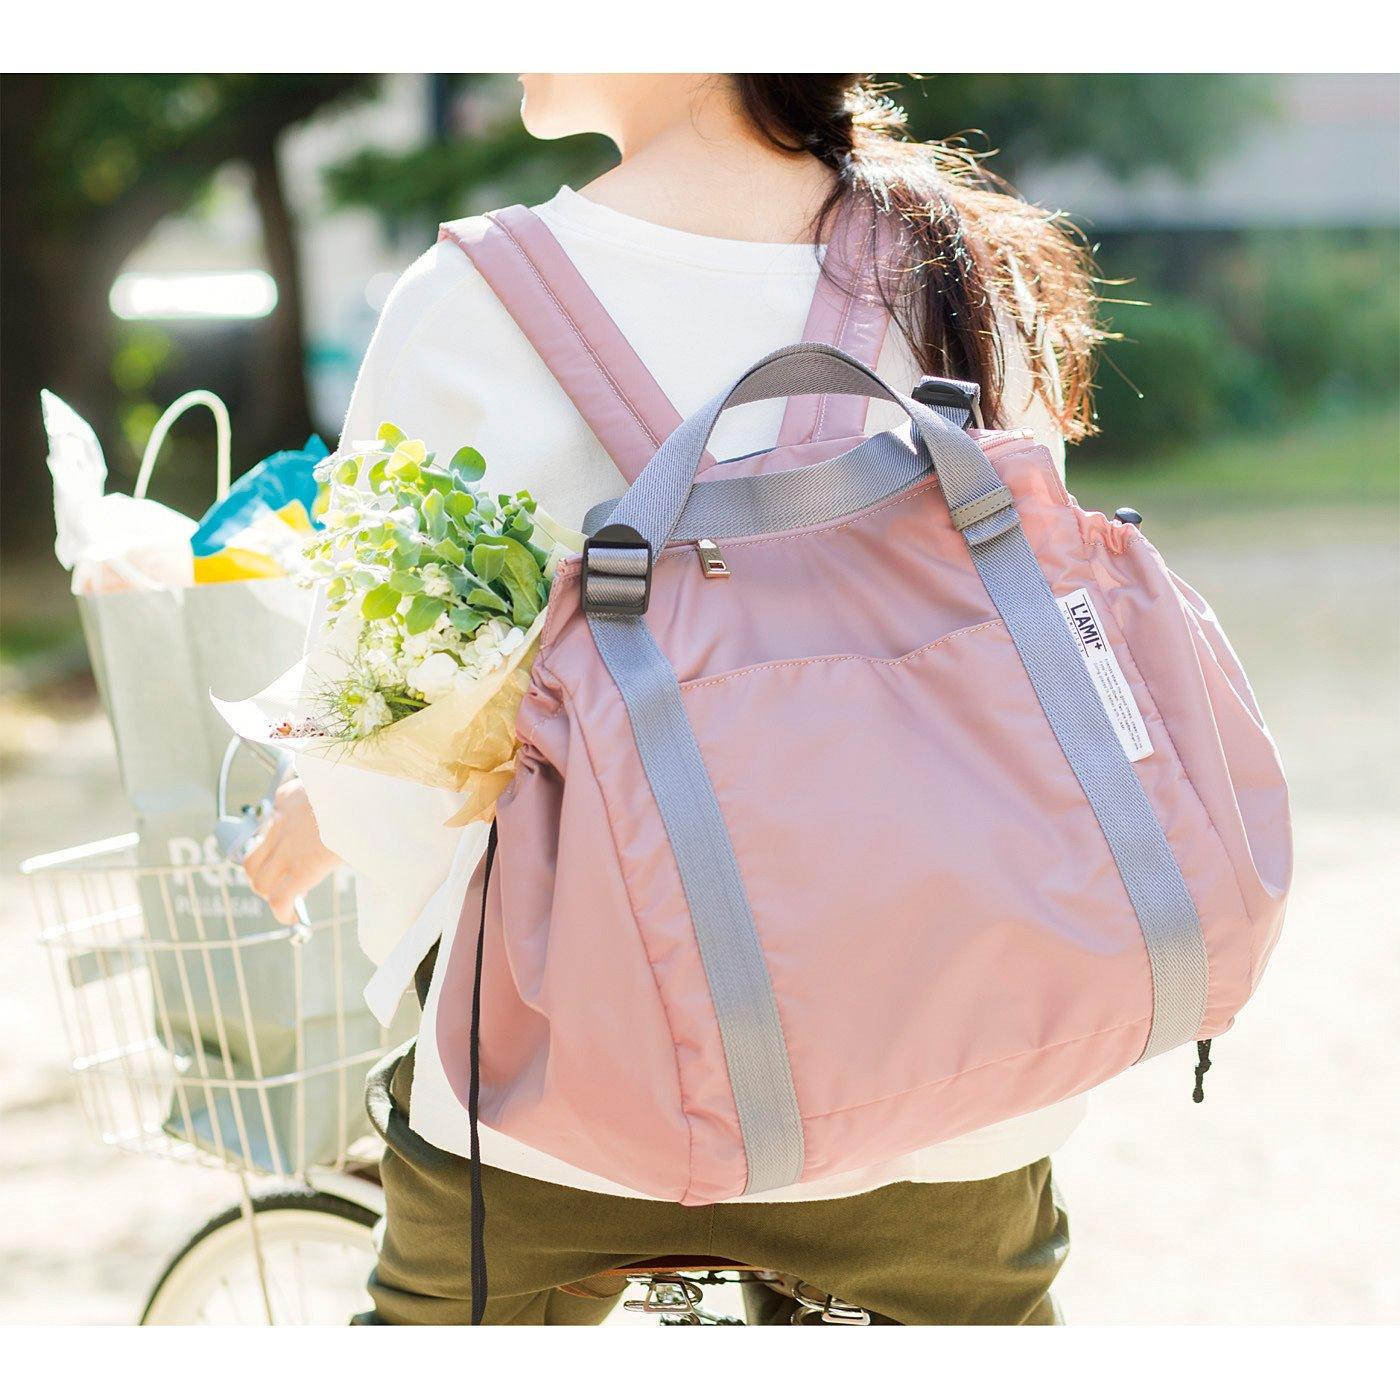 前かごに荷物がいっぱいでもリュックにできるから便利。たくさん買い出しができそう。